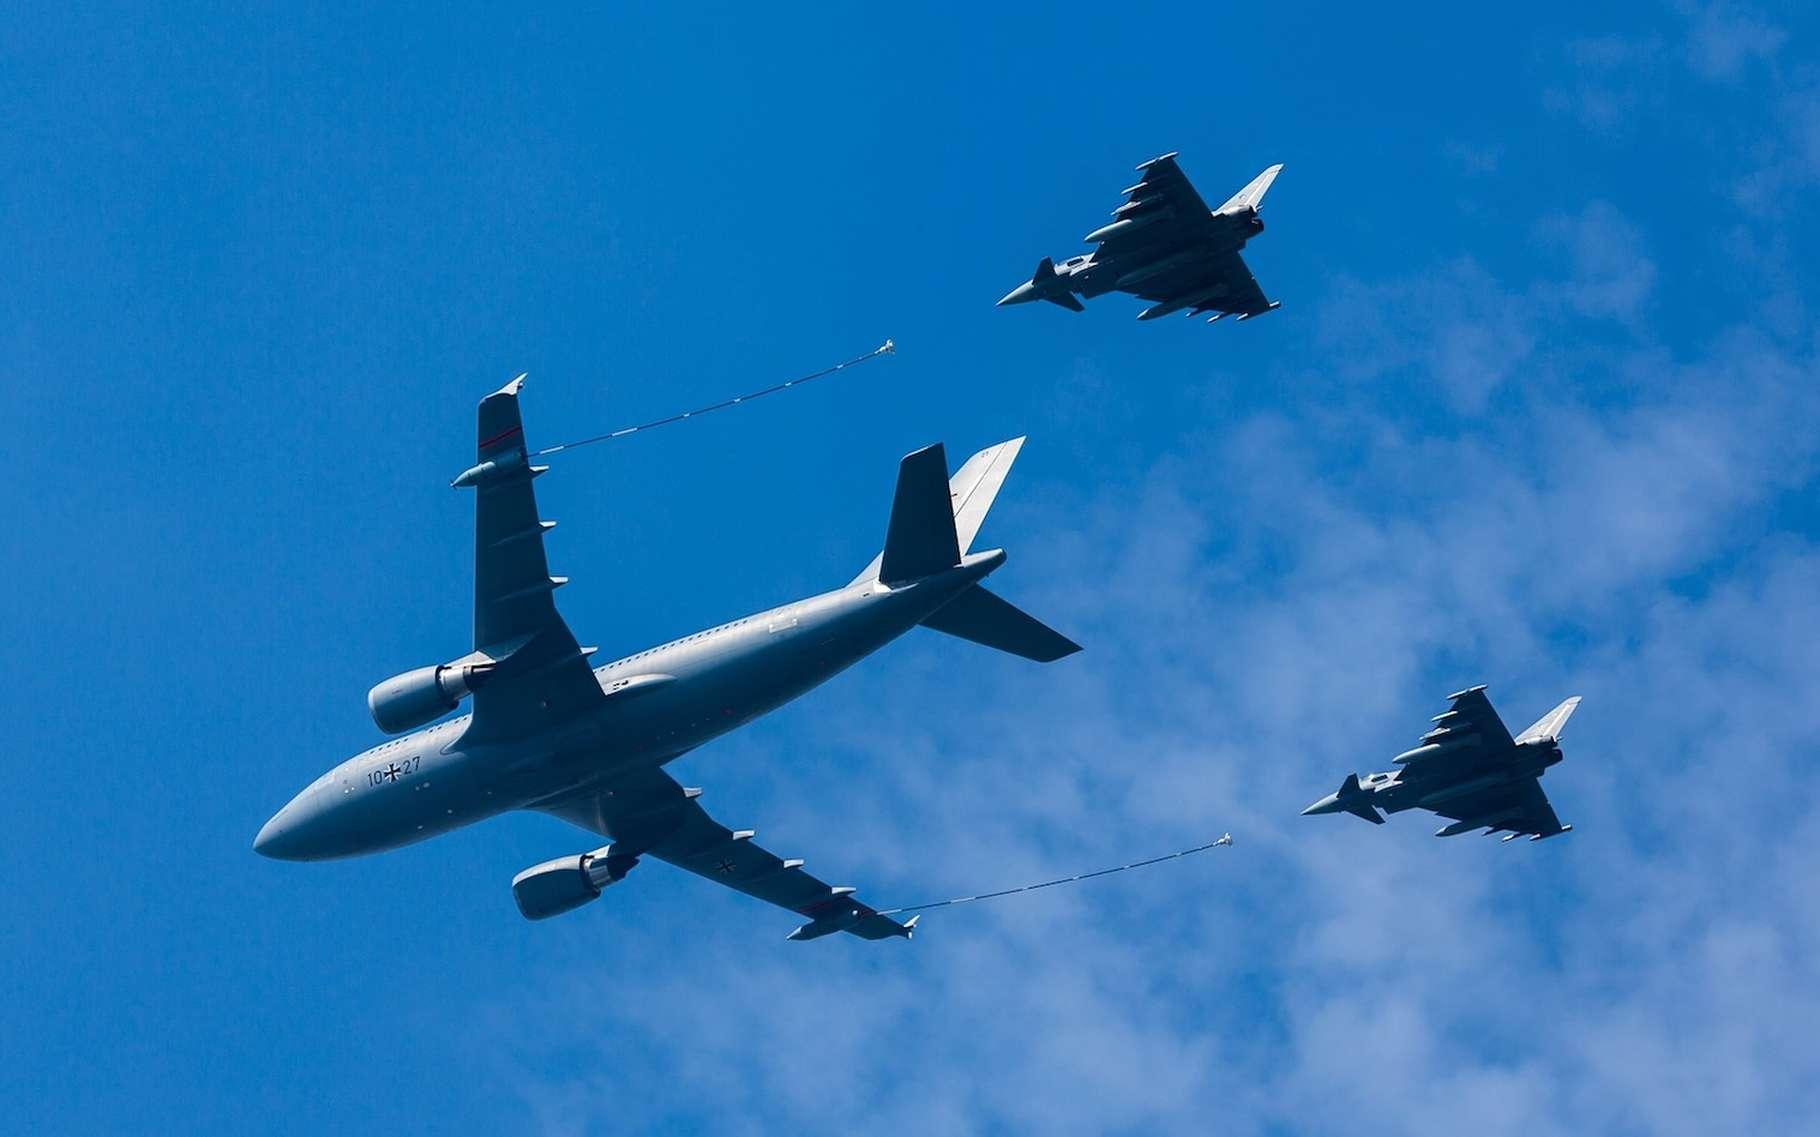 Le TA6V est un alliage du titane particulièrement prisé par le secteur de l'aéronautique et du spatial. © ho7dog, Pixabay License